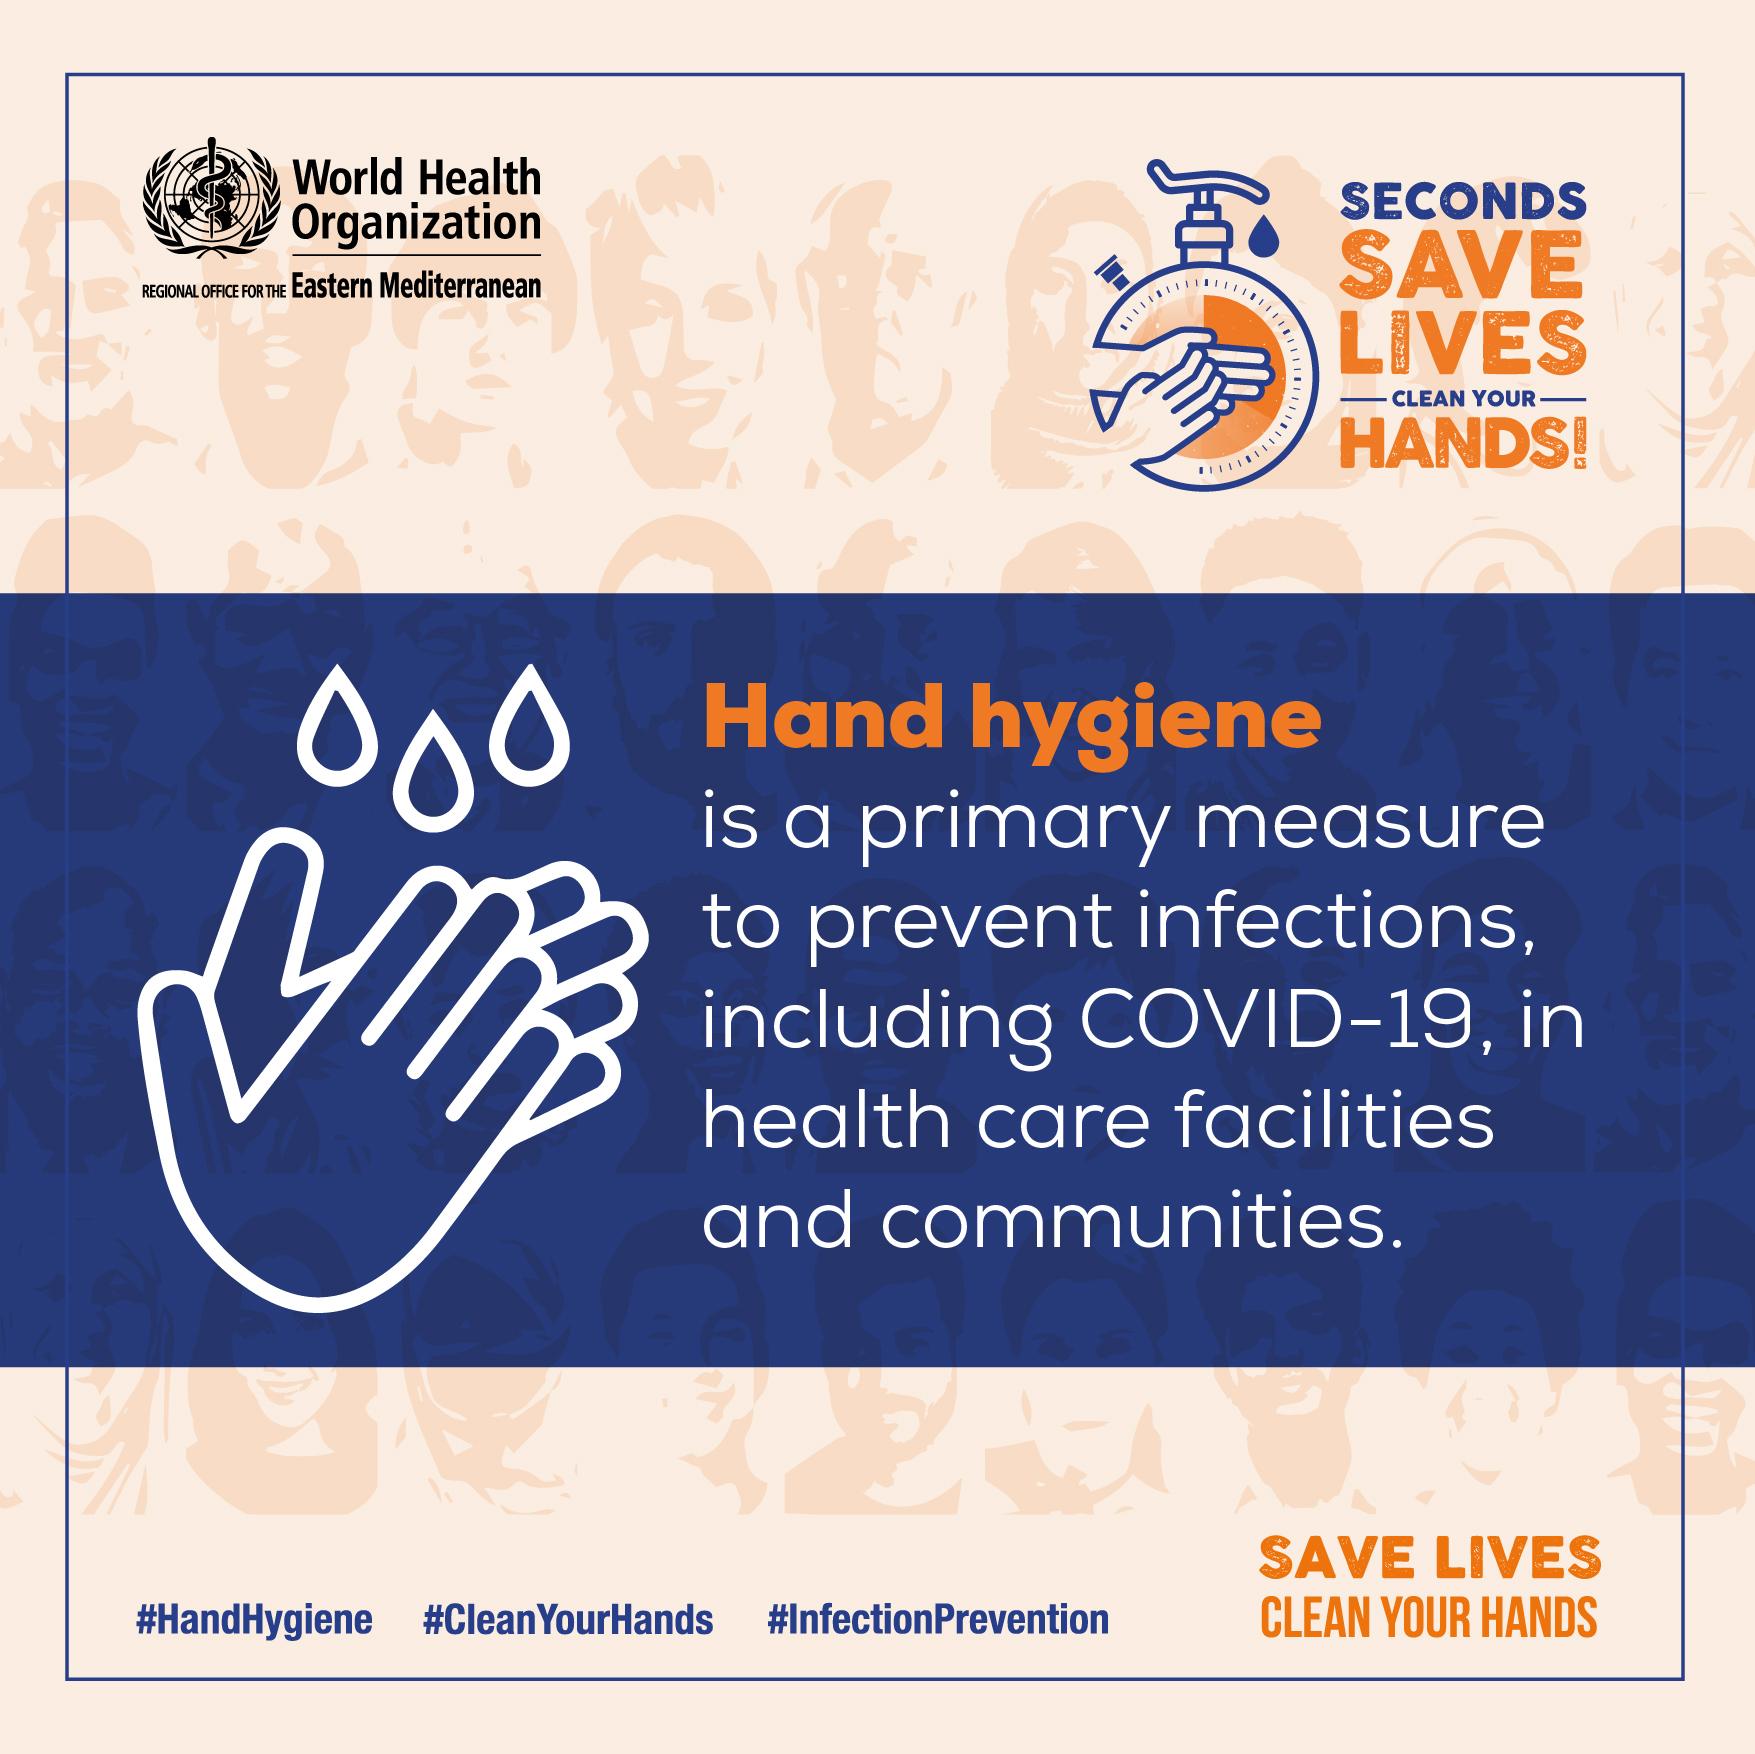 Welttag der Handhygiene 2021 - 2